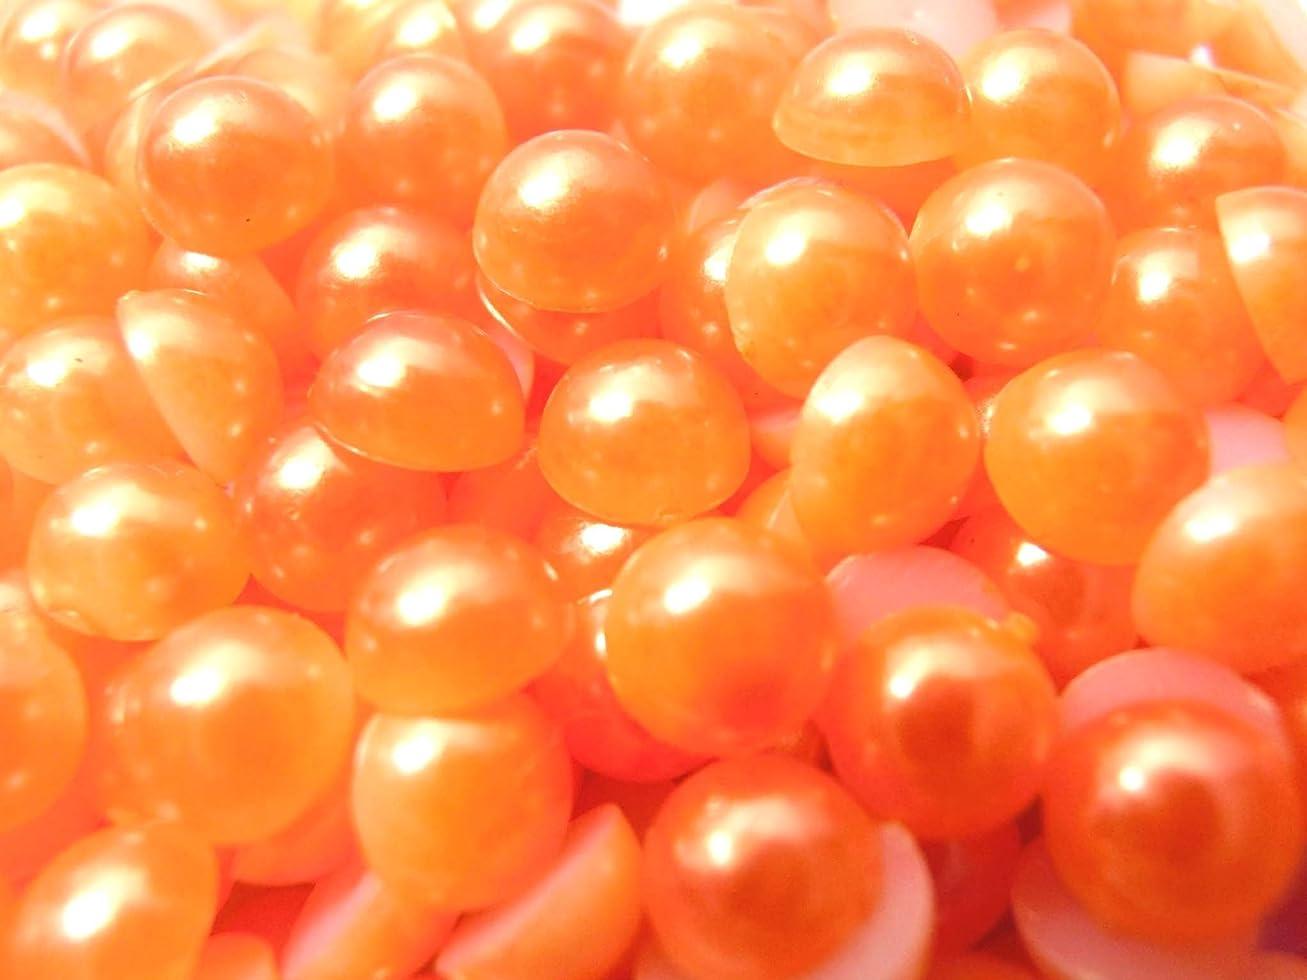 ナイロン補うフォロー【ラインストーン77】 超高級 パールストーン 各サイズ選択可能 2mm~8mm オレンジ (3mm (約300粒))